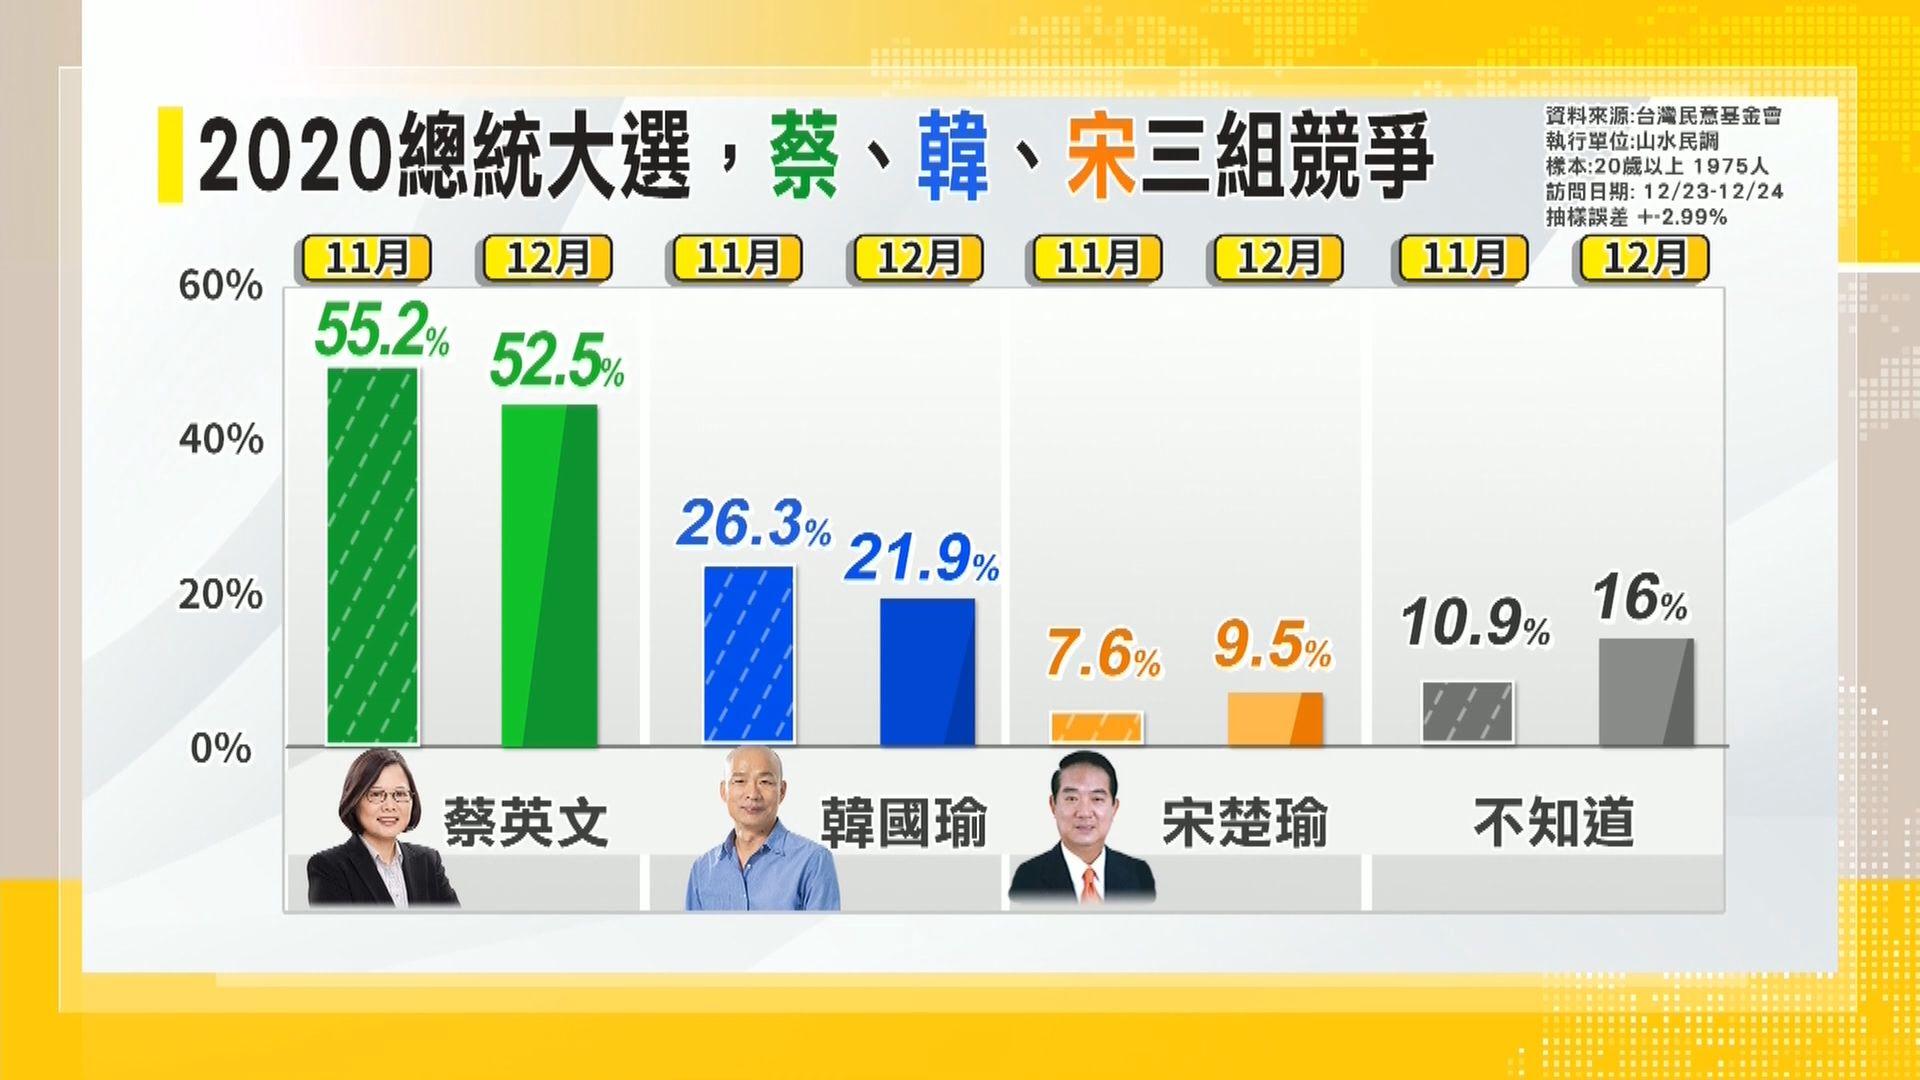 民調:蔡英文組合支持率領韓國瑜組合約30個百分點